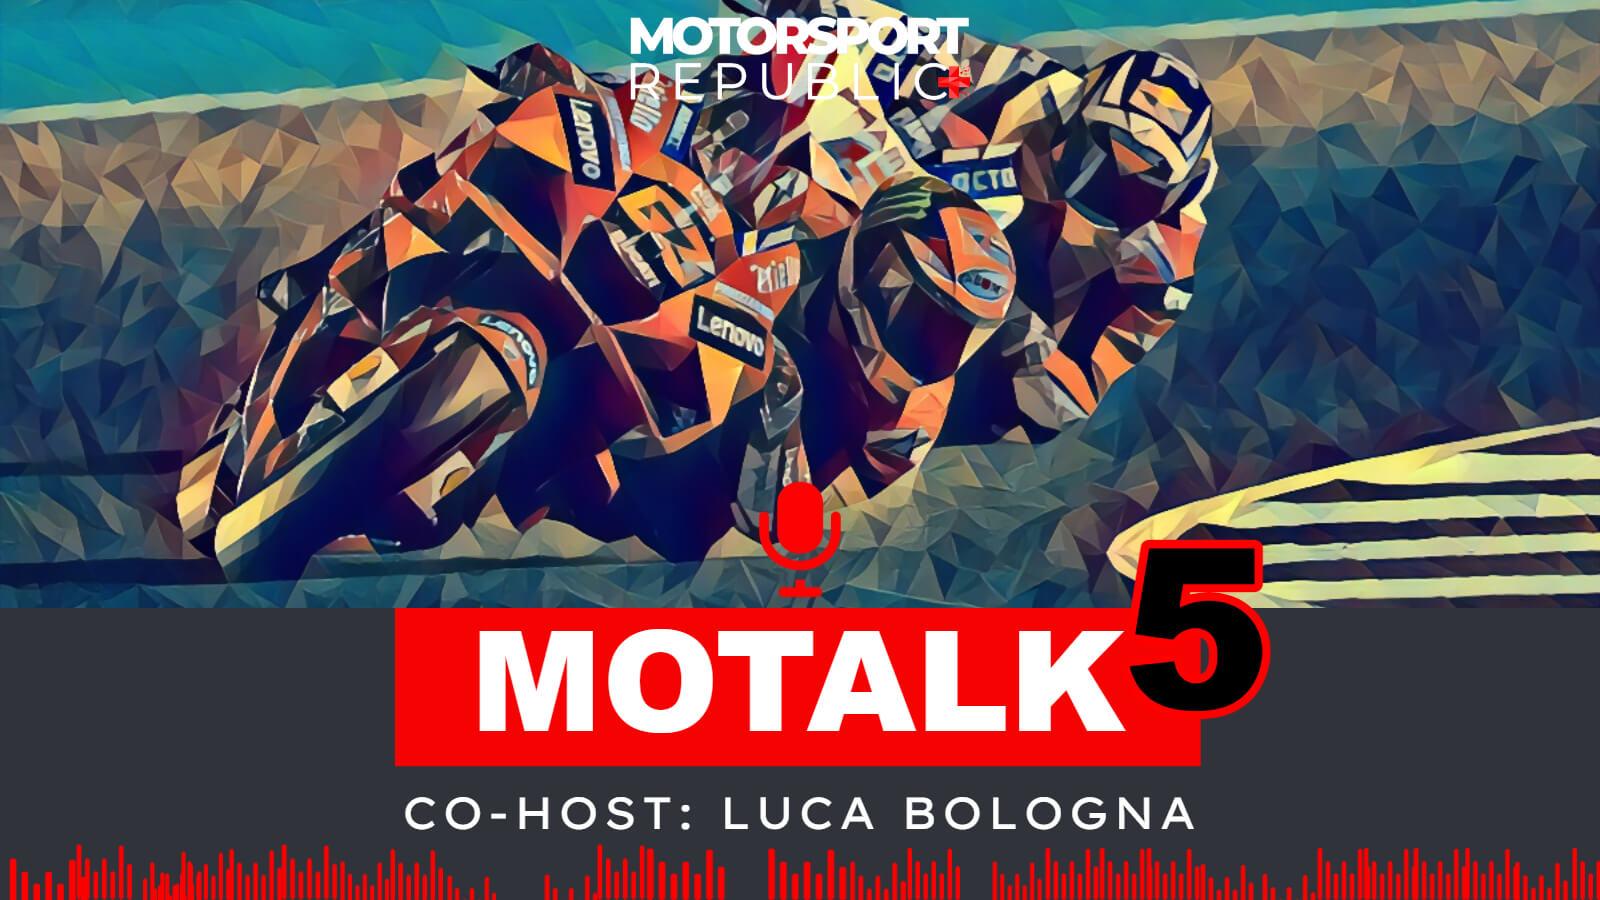 la MotoGP inizia tra conferme e polemiche. In Qatar i nuovi giovani spingono forte